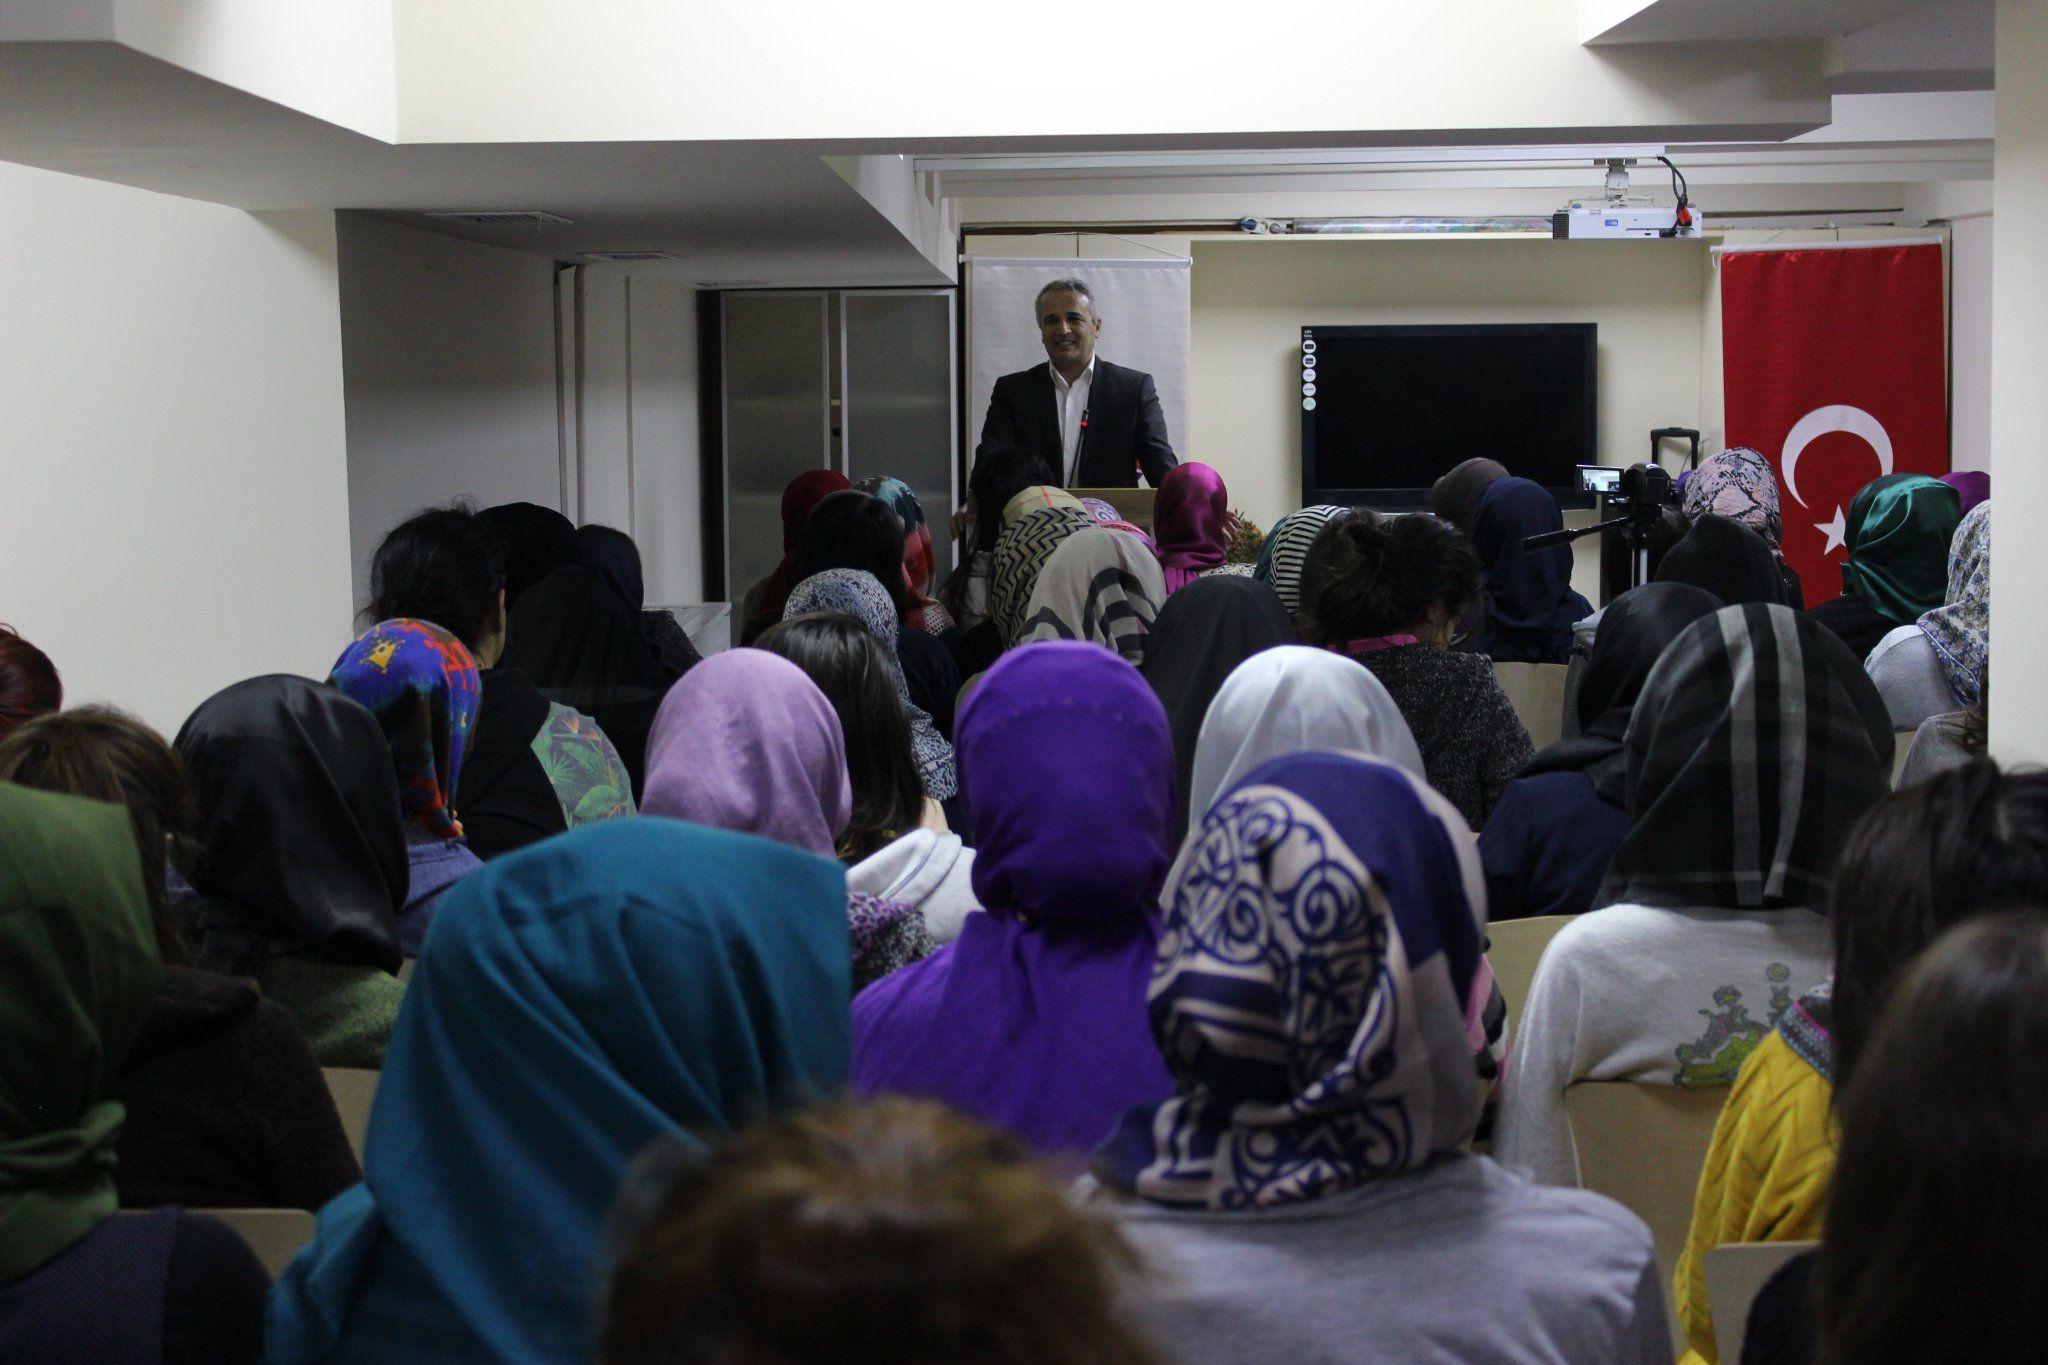 """RT @turgev: """"İman ve Tevhid"""" konulu seminerlerimiz kapsamında @turgevhasanpasa yurdumuz Prof. Dr. Ekrem Demirli'yi ağırladı. https://t.co/X6nx80ZKDX"""